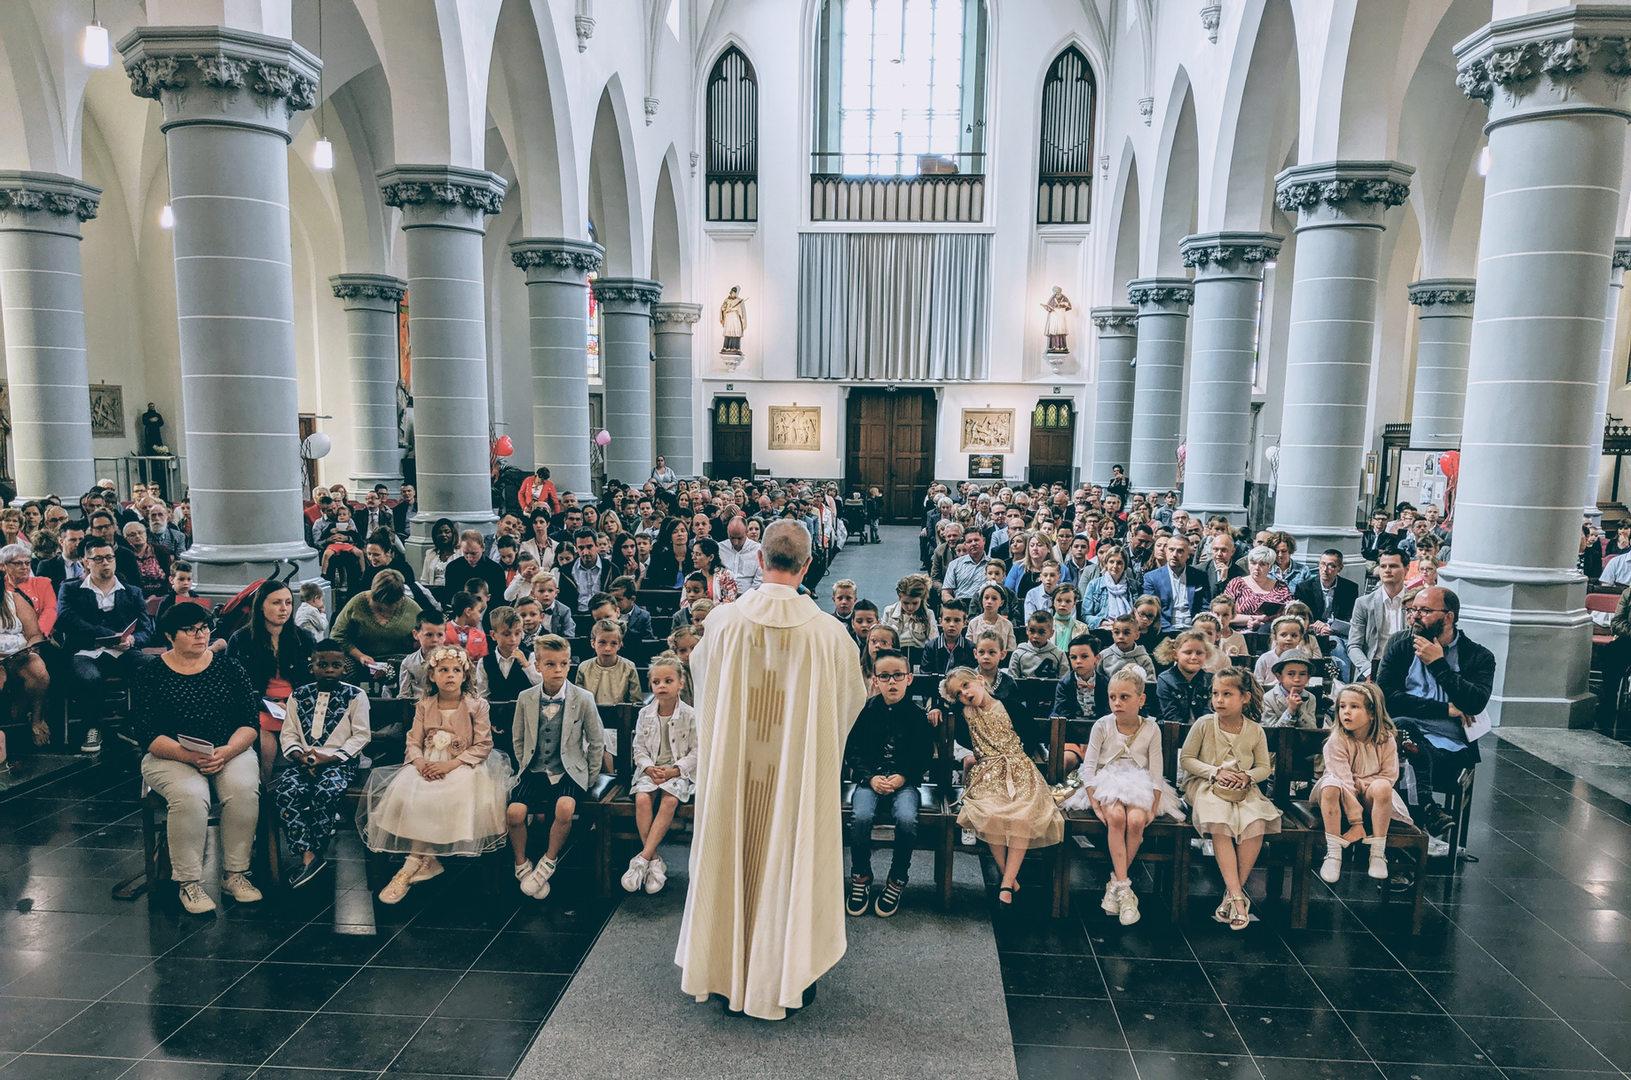 De eerste communie voor 44 kindjes